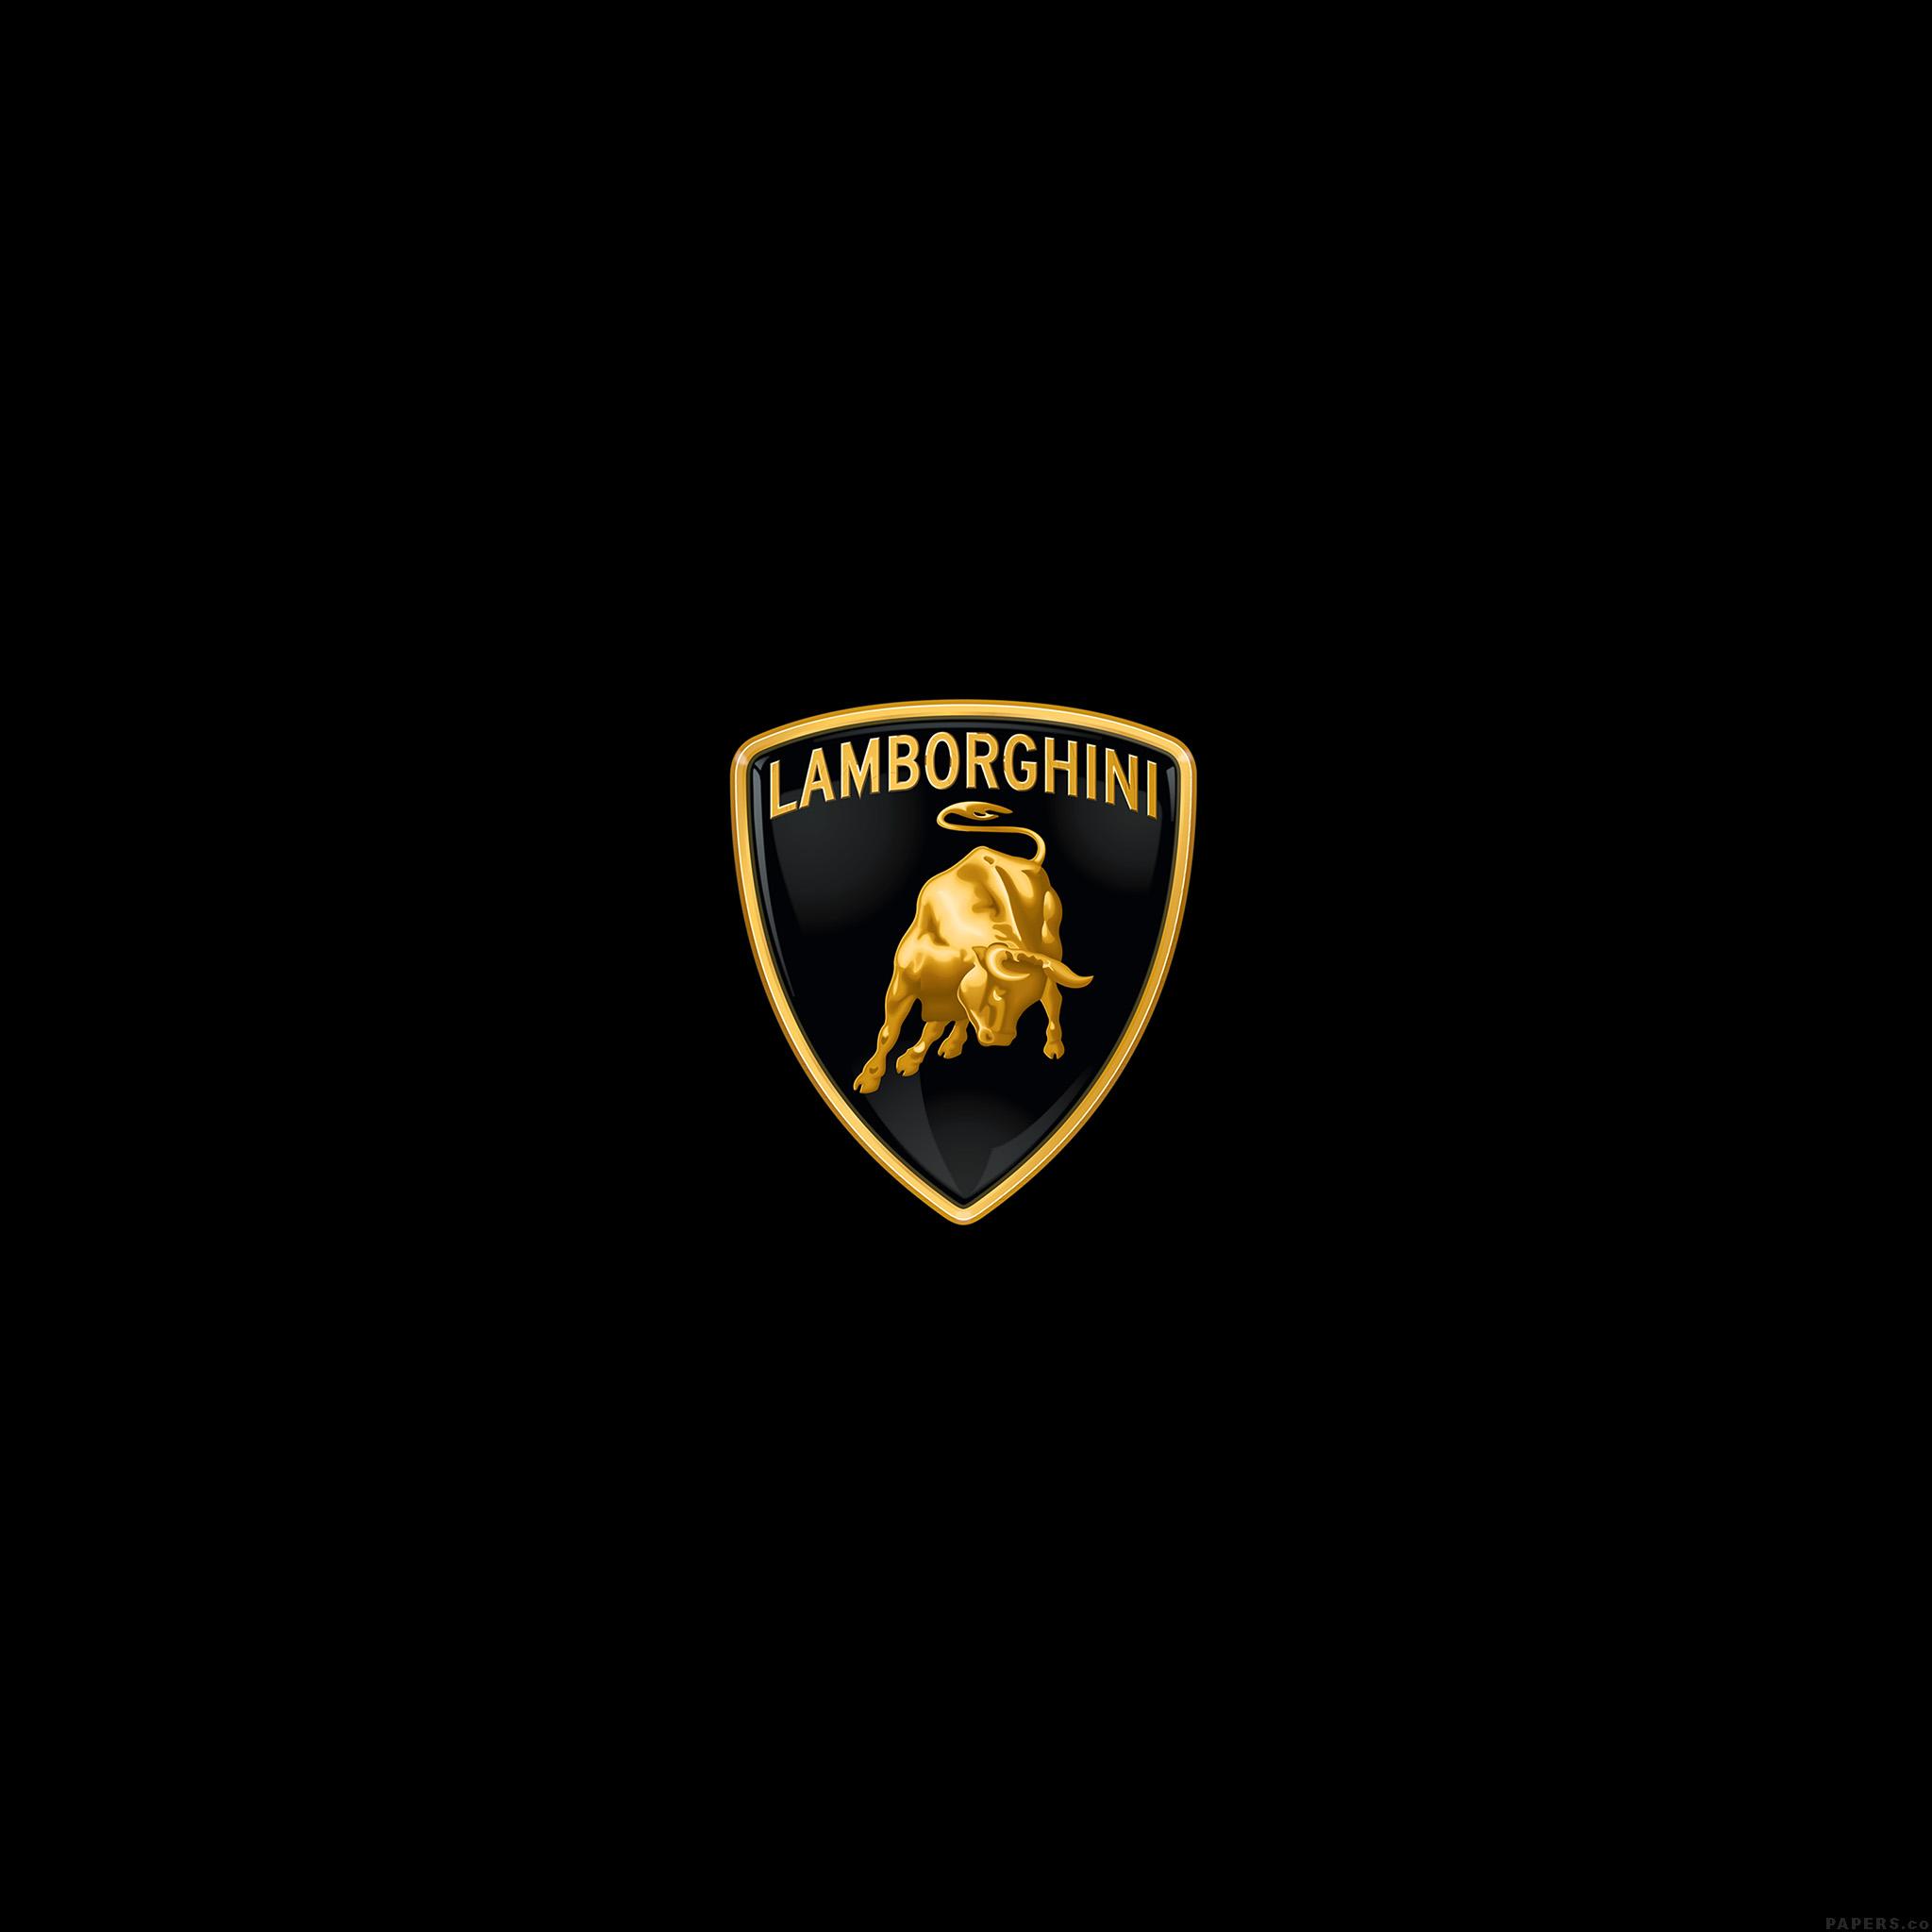 Ai02 lamborghini logo art car minimal dark - Lamborghini symbol wallpaper ...